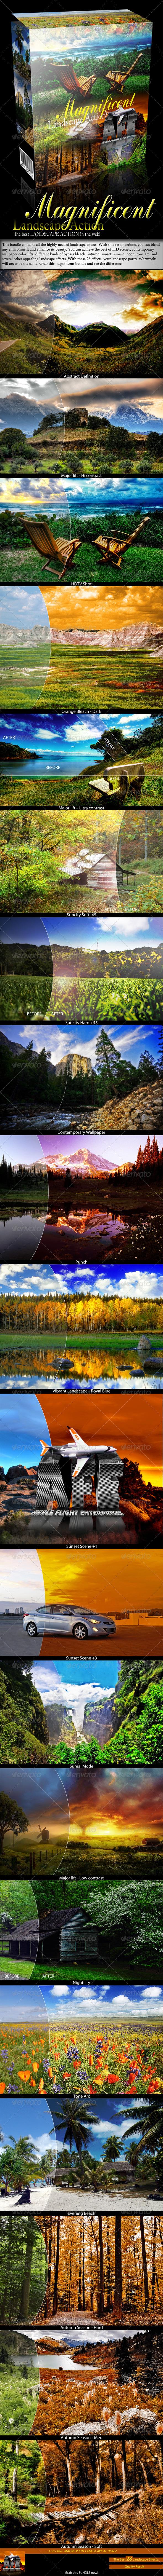 GraphicRiver Magnificent Landscape Action 831410